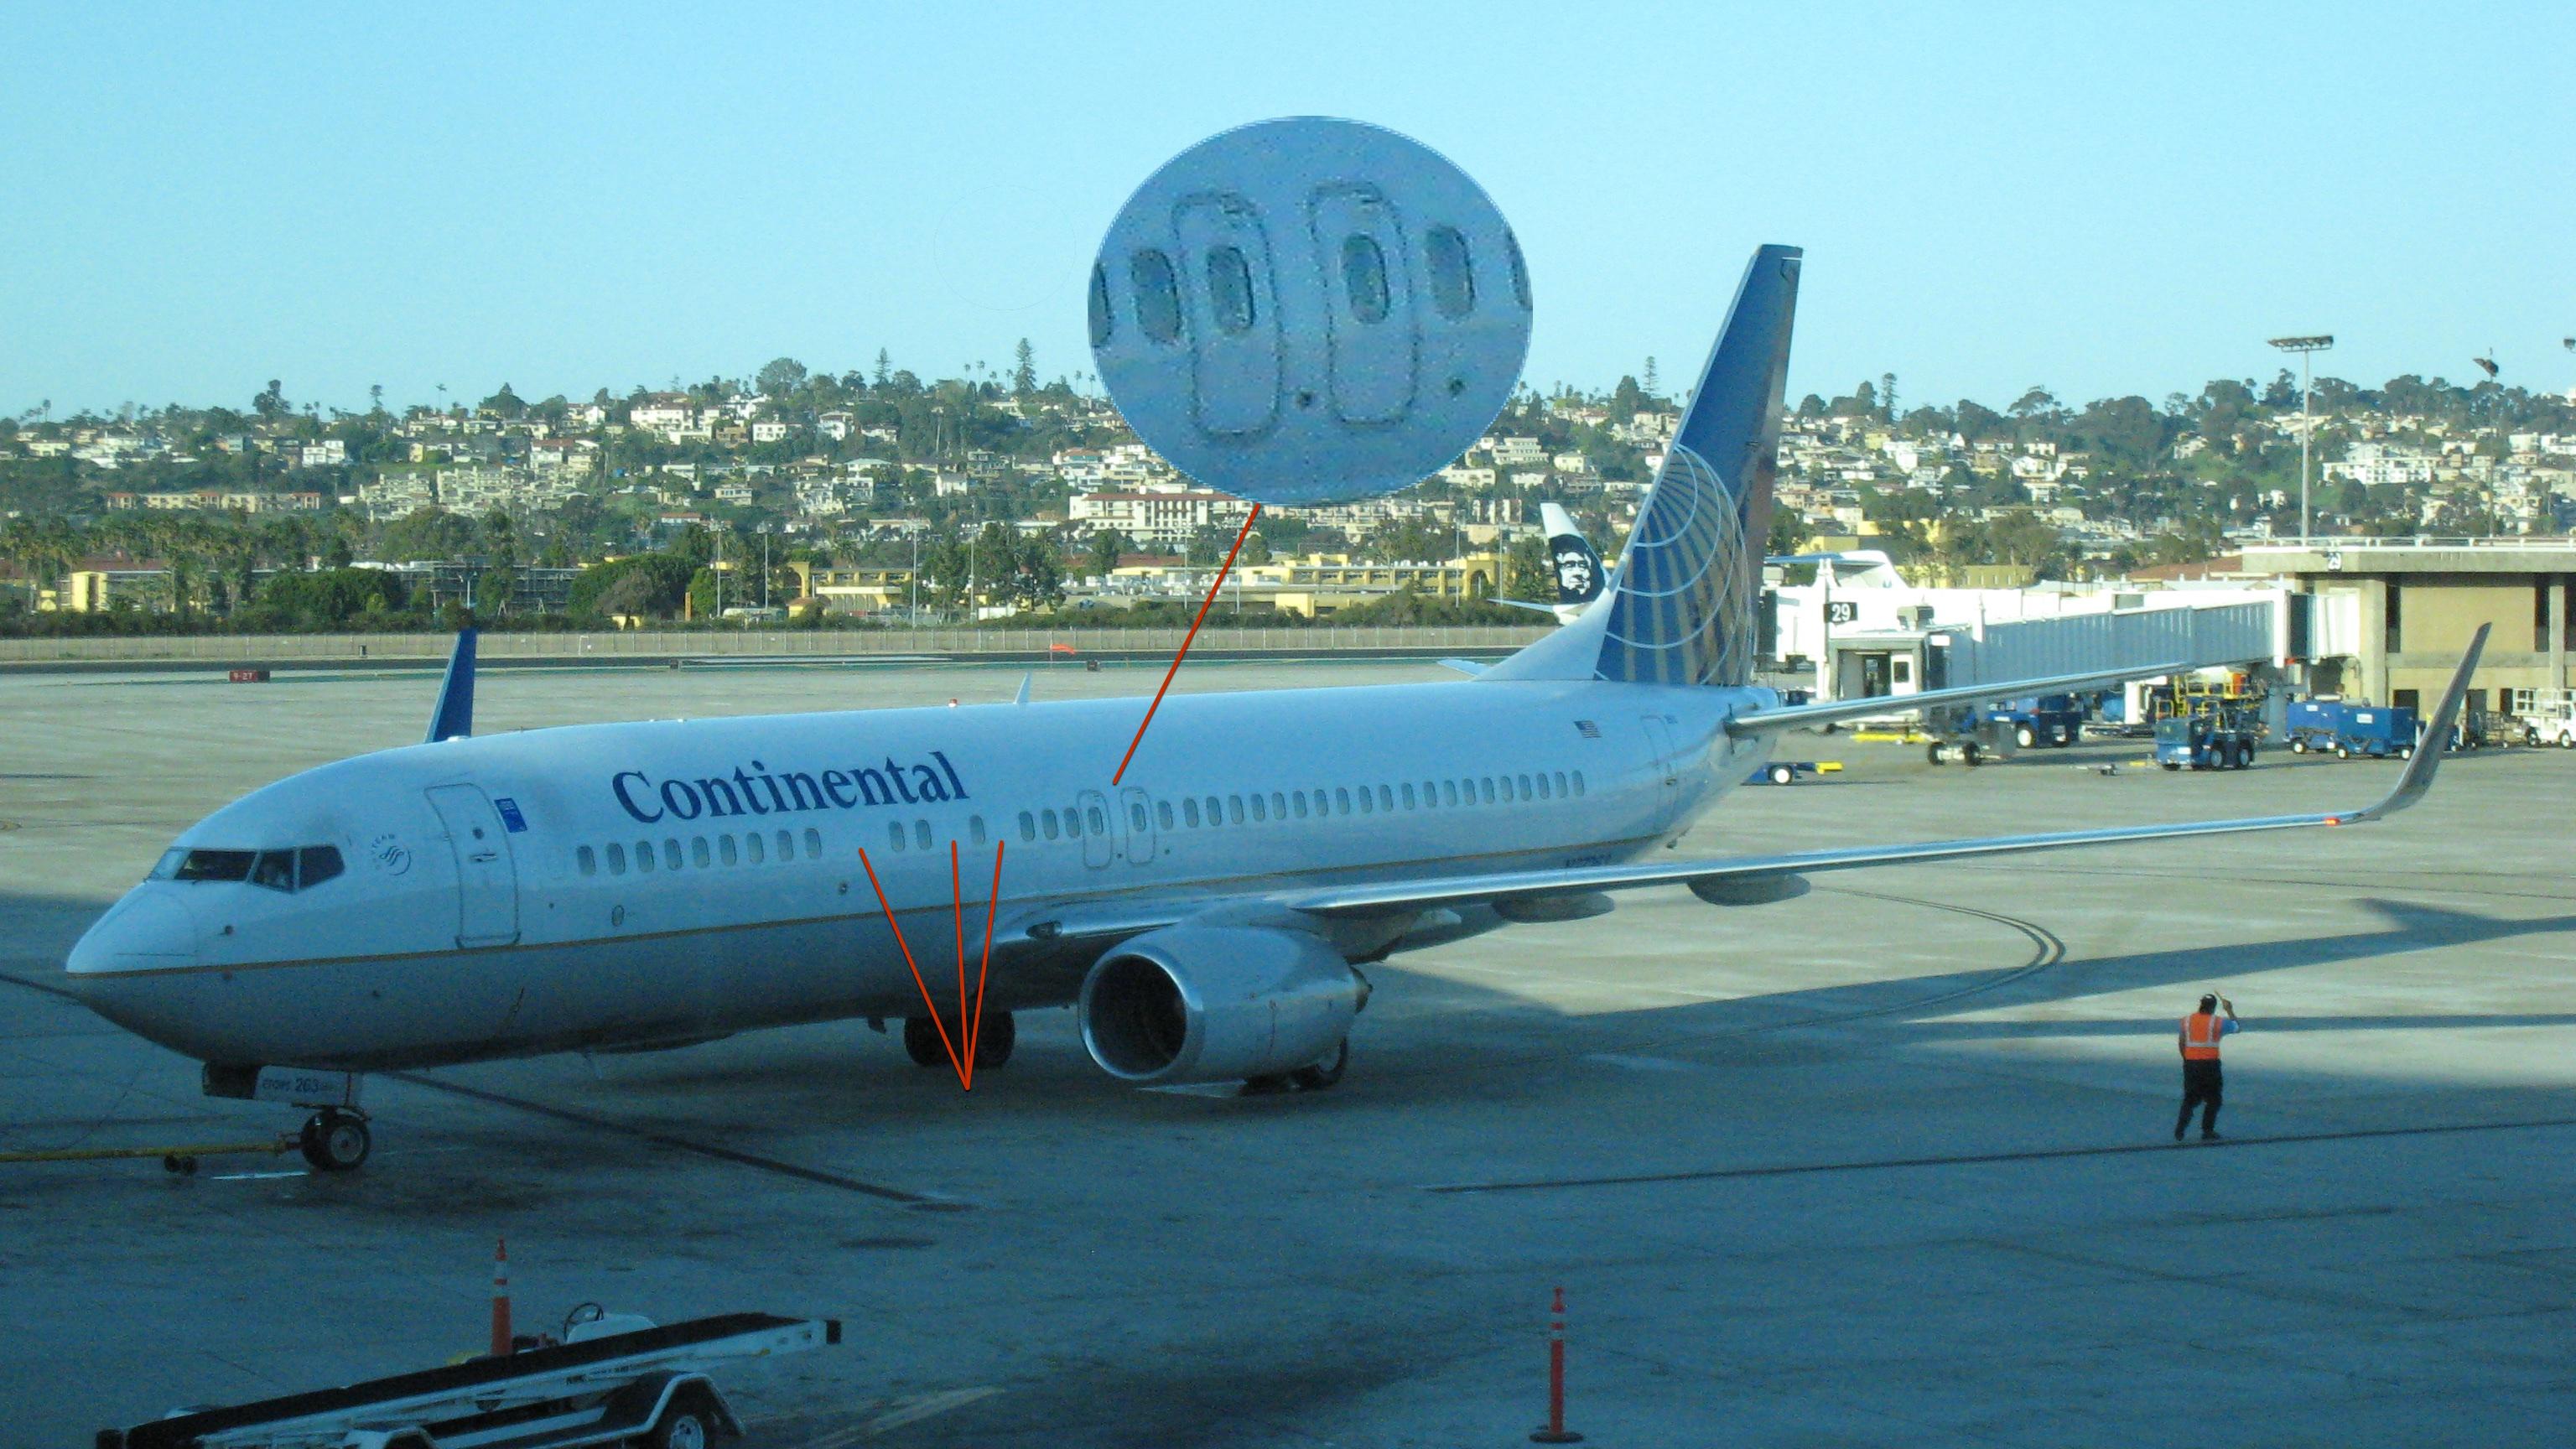 У большинства 737-900 в передней части фюзеляжа пропущено 3 и даже порой 4 иллюминатора по левому борту.